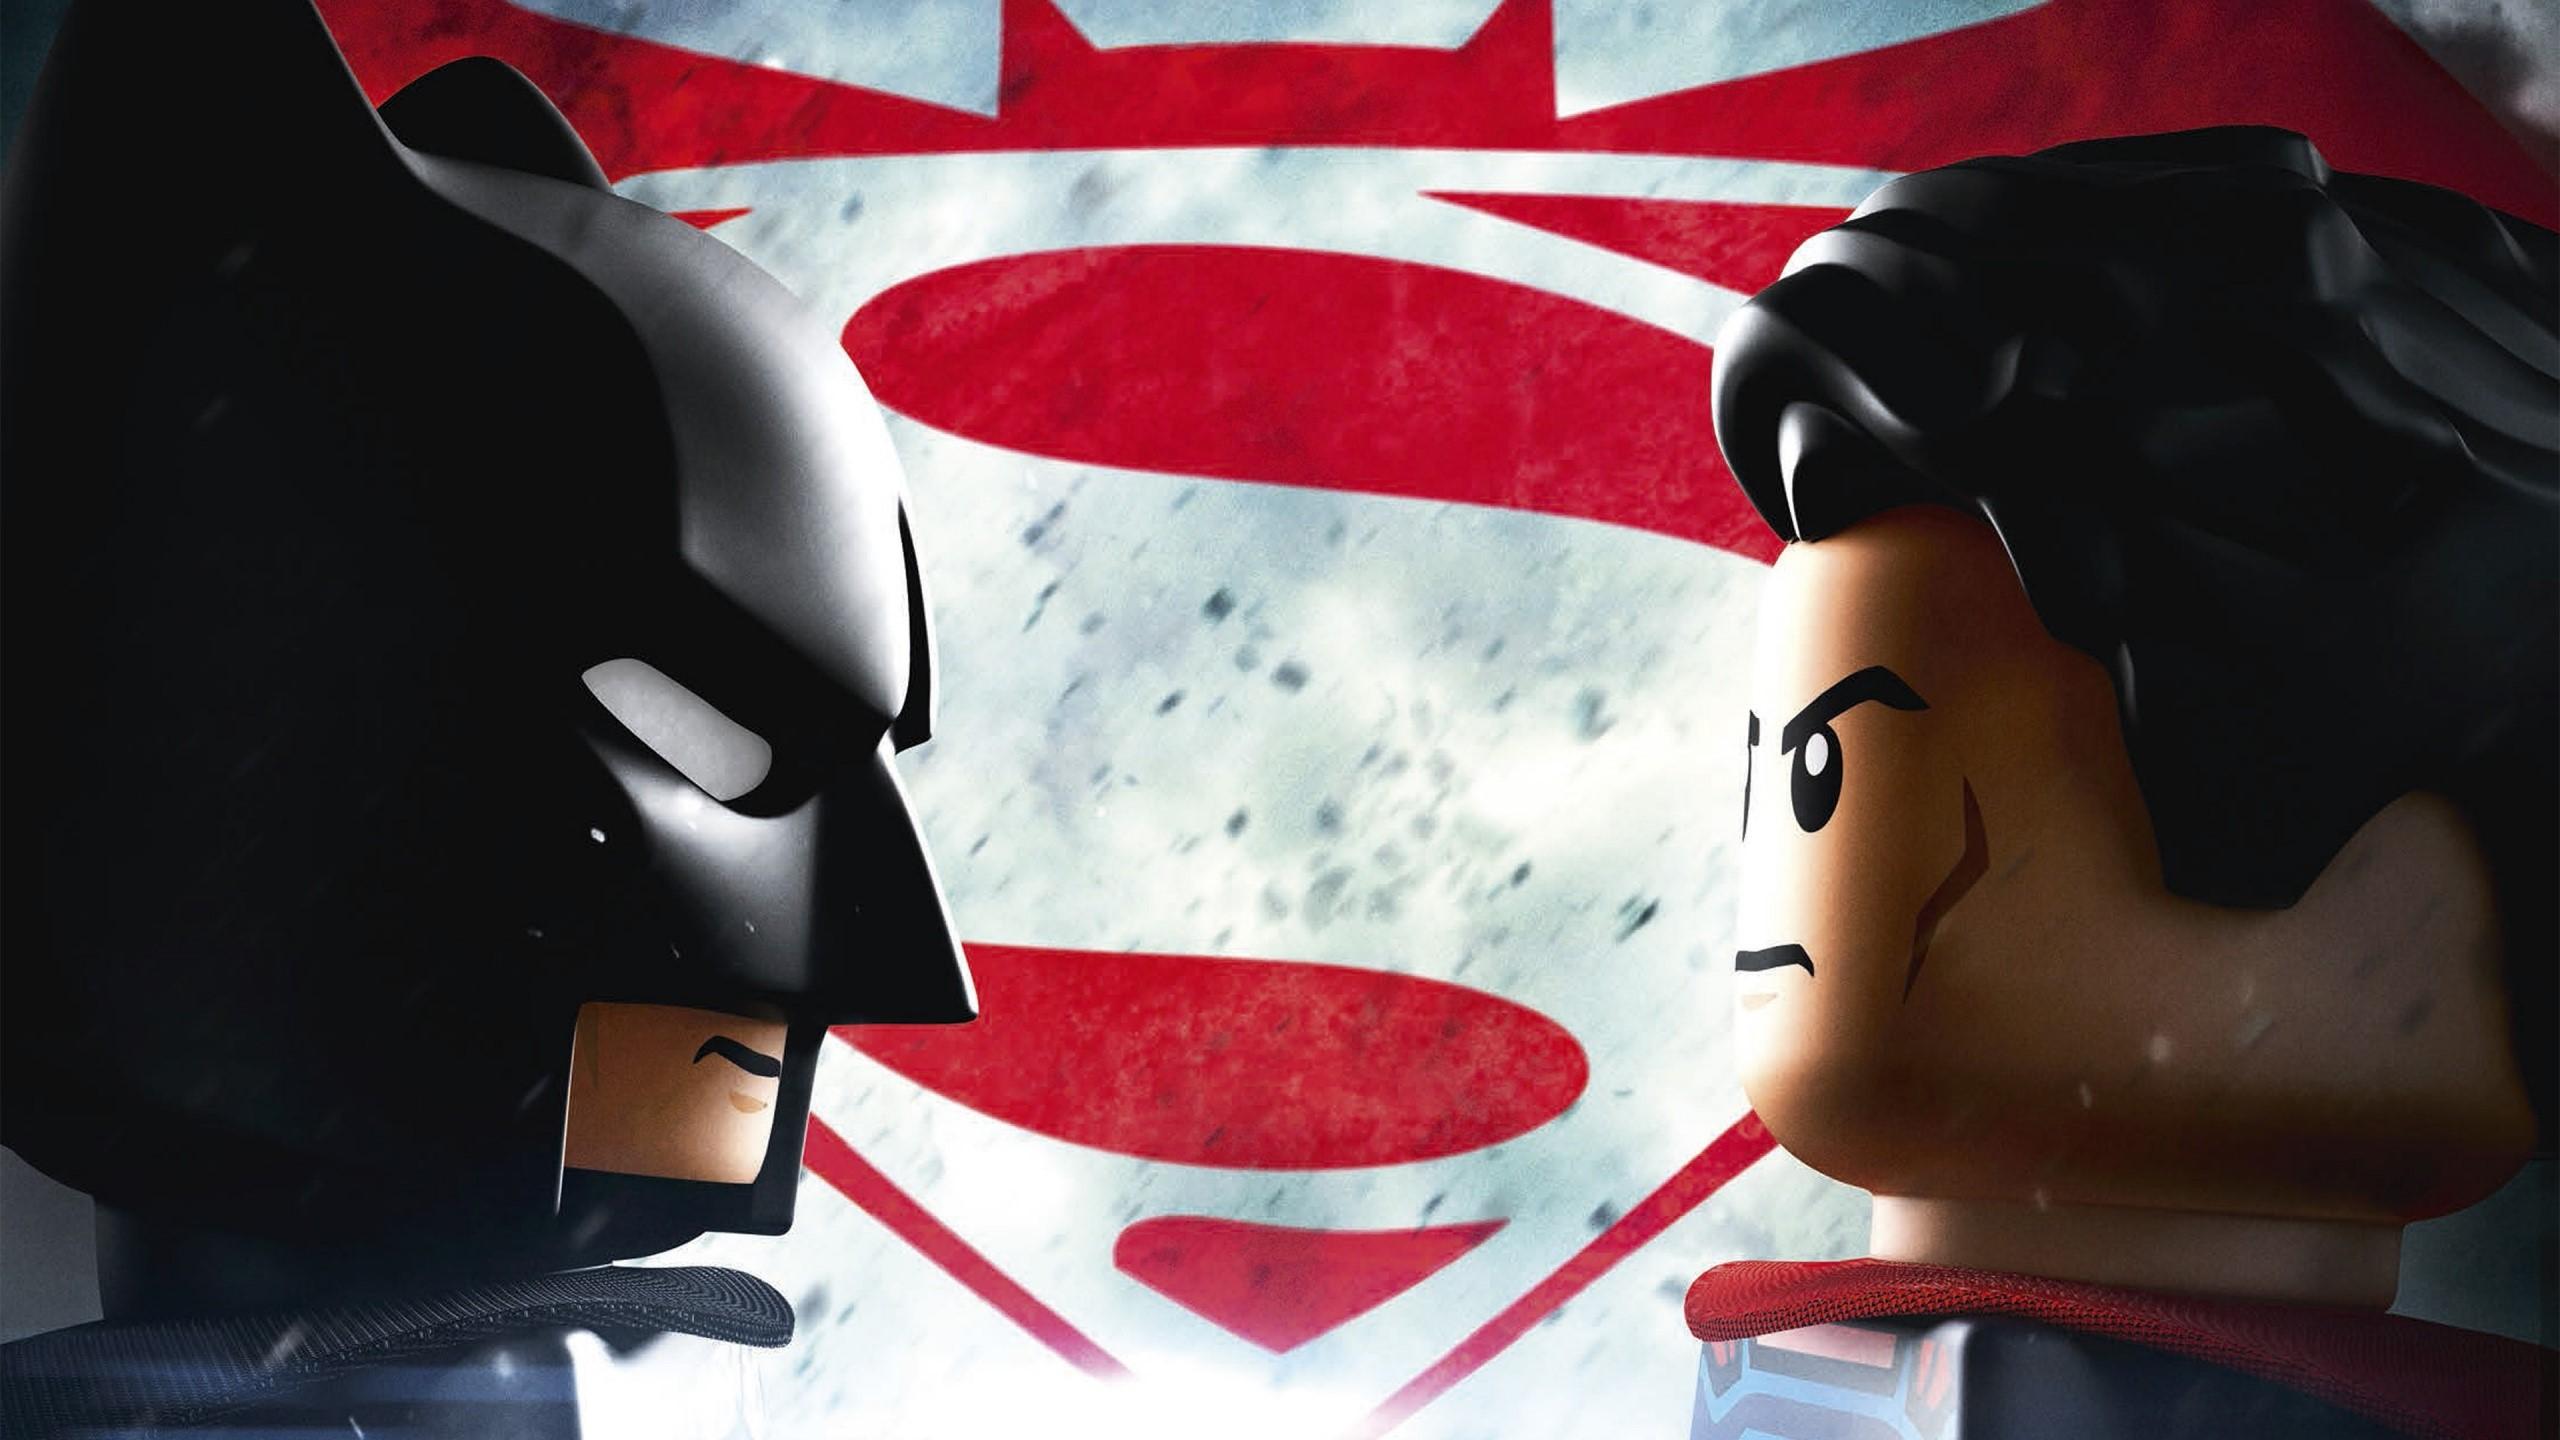 Fondos de pantalla Batman vs Superman de Lego